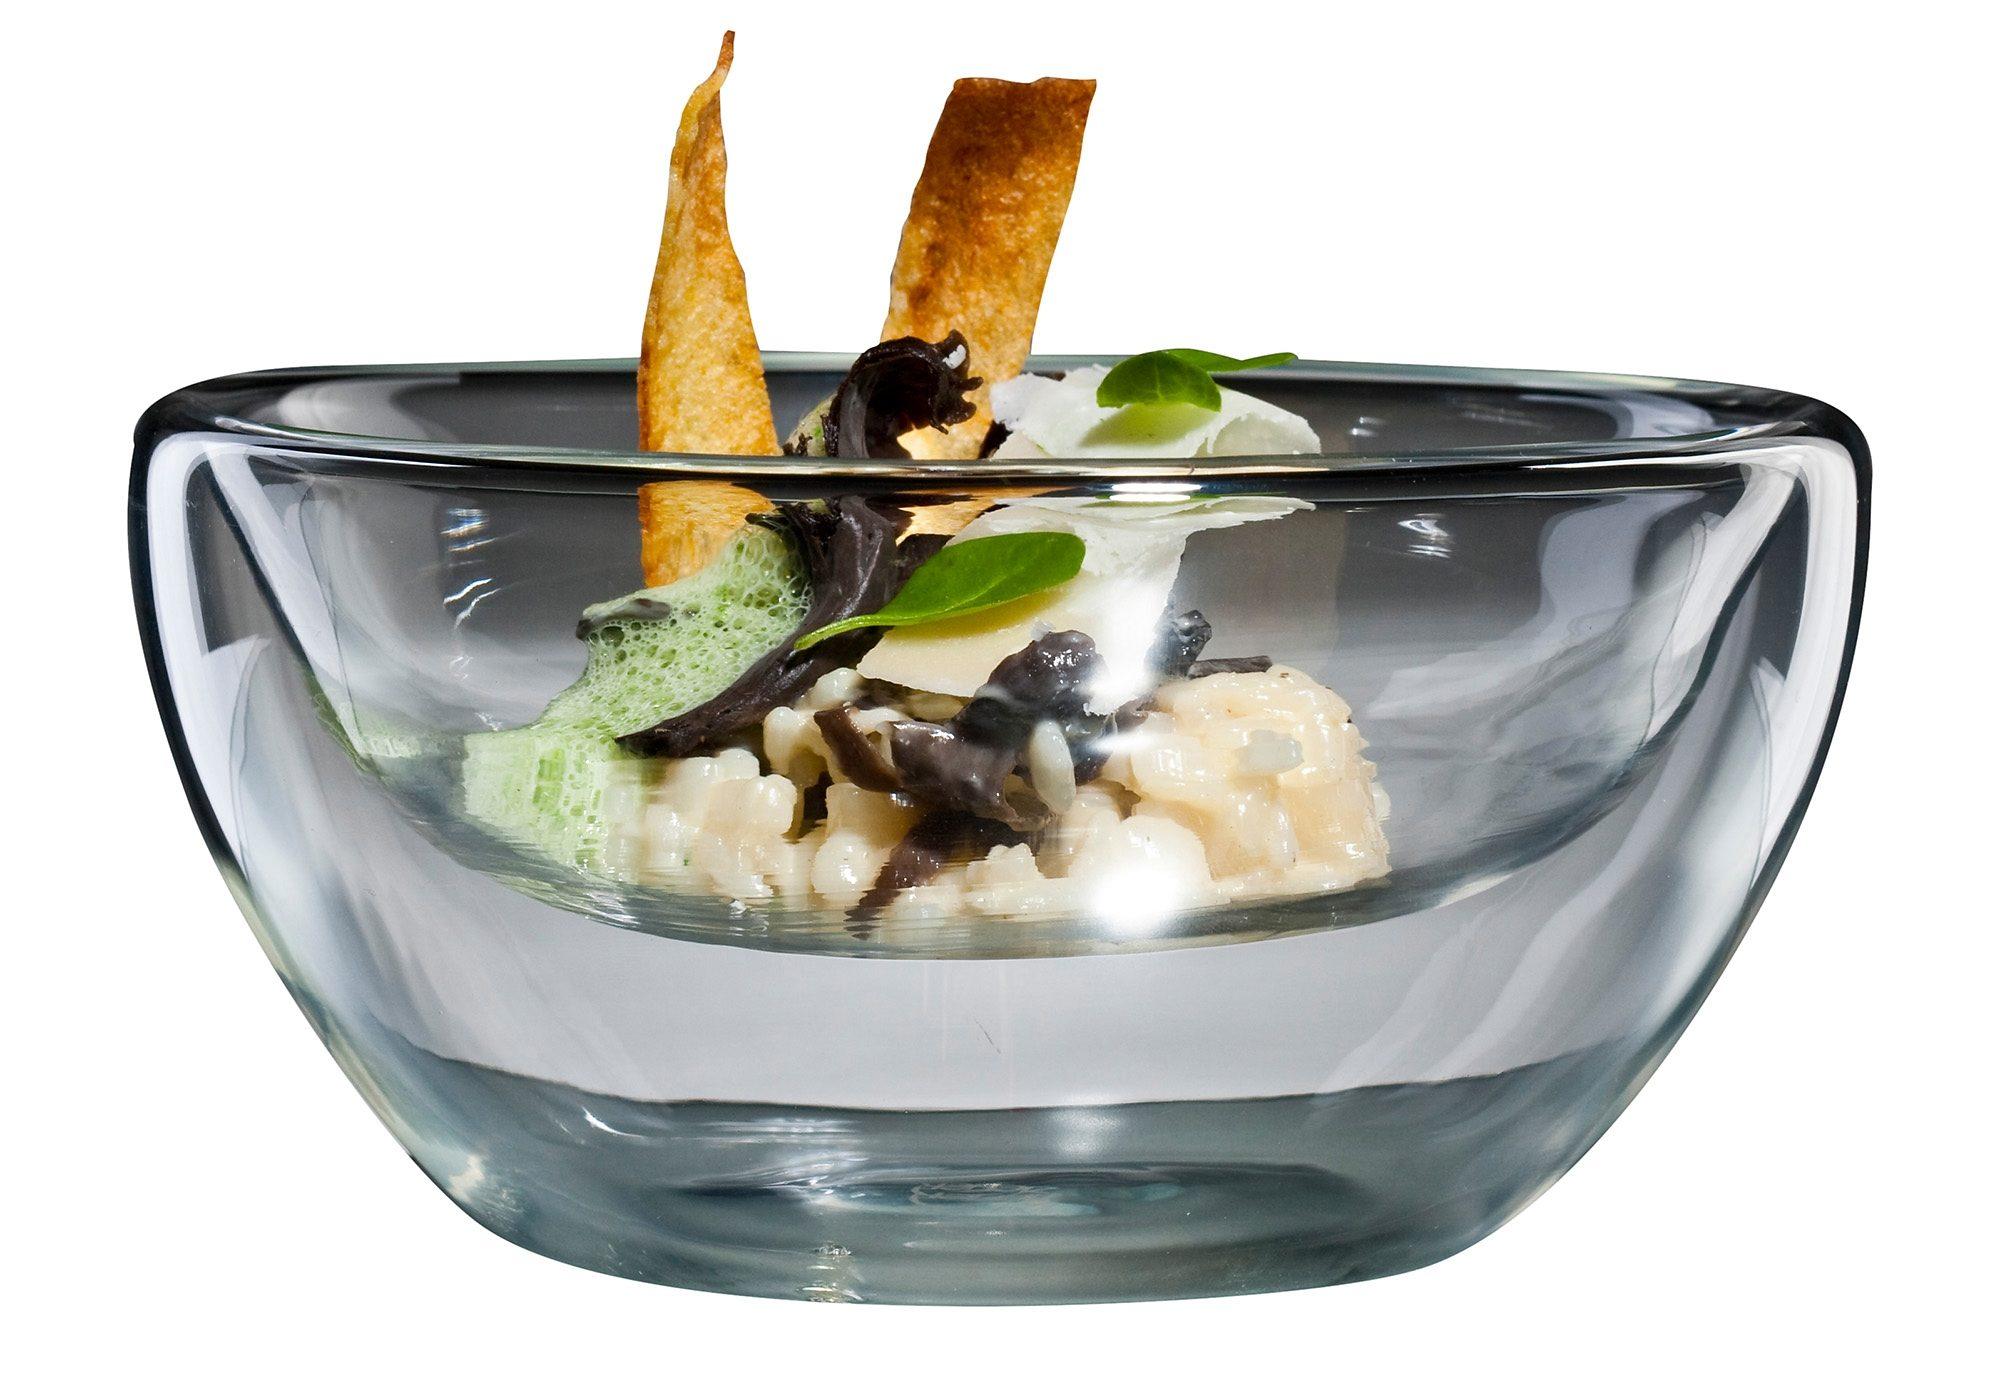 """Bloomix Thermoschüssel """"Flatbowl Grande"""" Glas (Set 4-tlg) Wohnen/Haushalt/Haushaltswaren/Kochen & Backen/Schüsseln/Thermoschüsseln"""